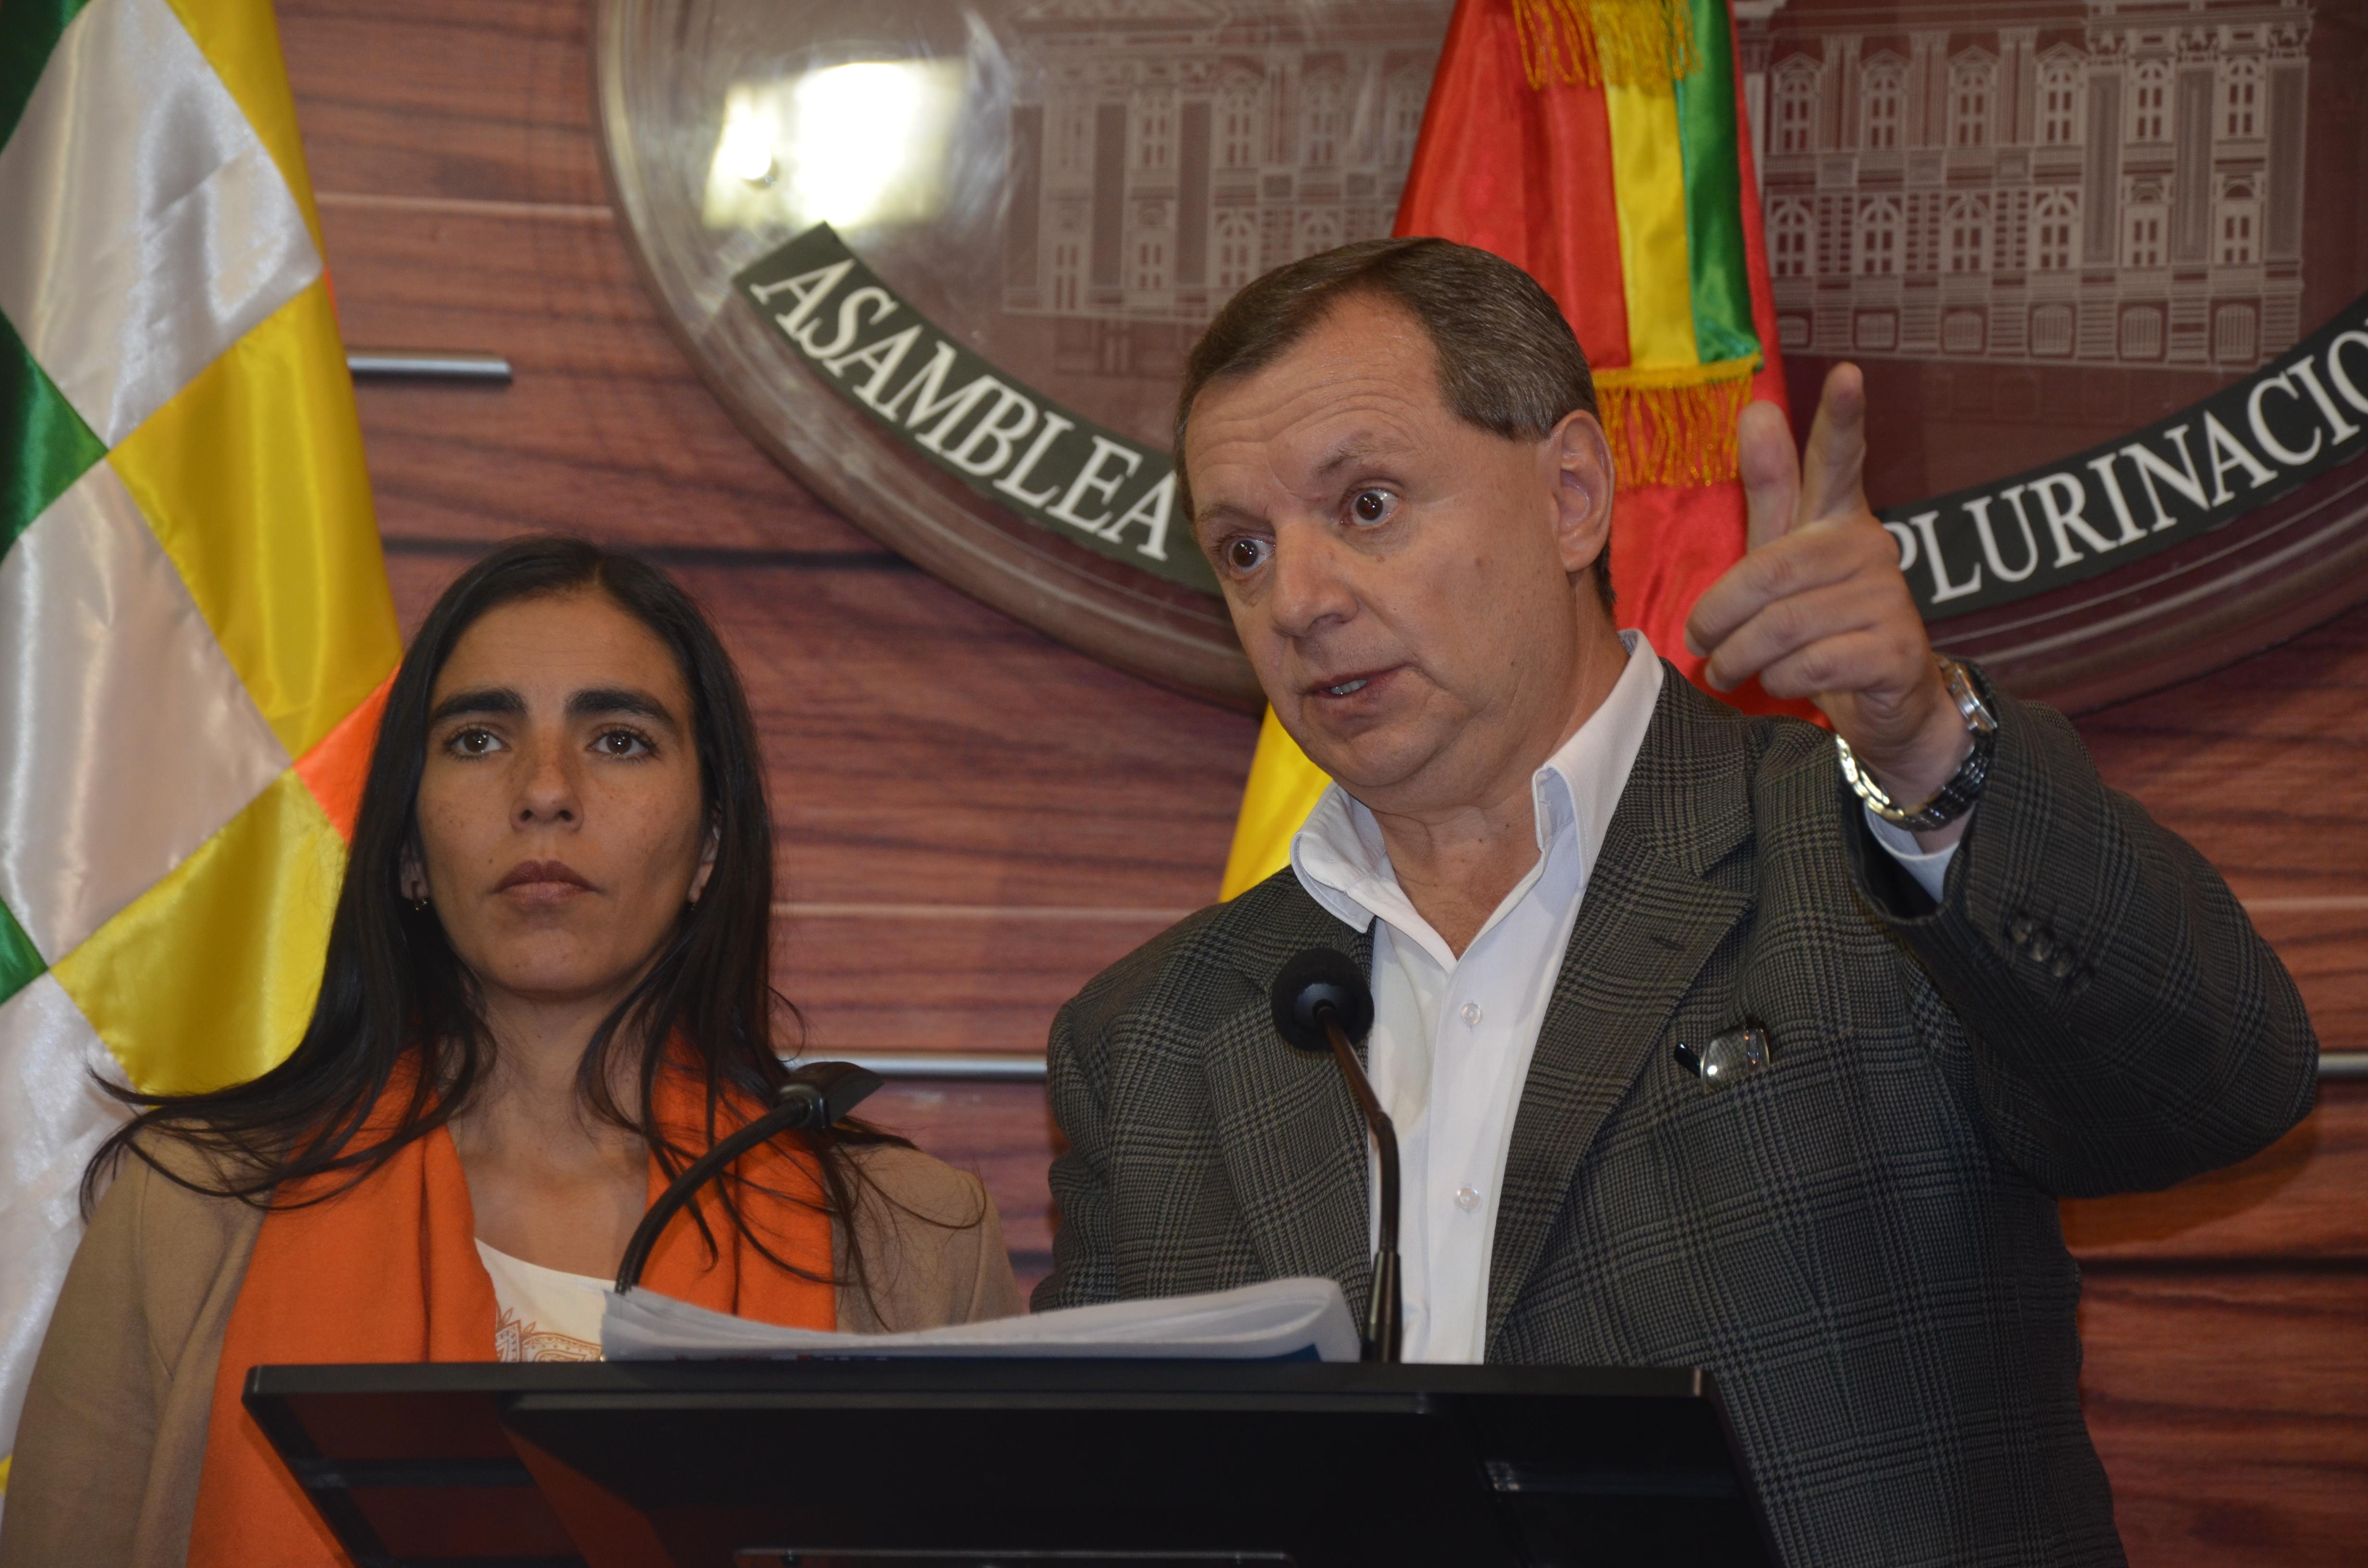 Gonzales espera disculpas de Página Siete por información errónea que dañó la imagen de la Asamblea Legislativa